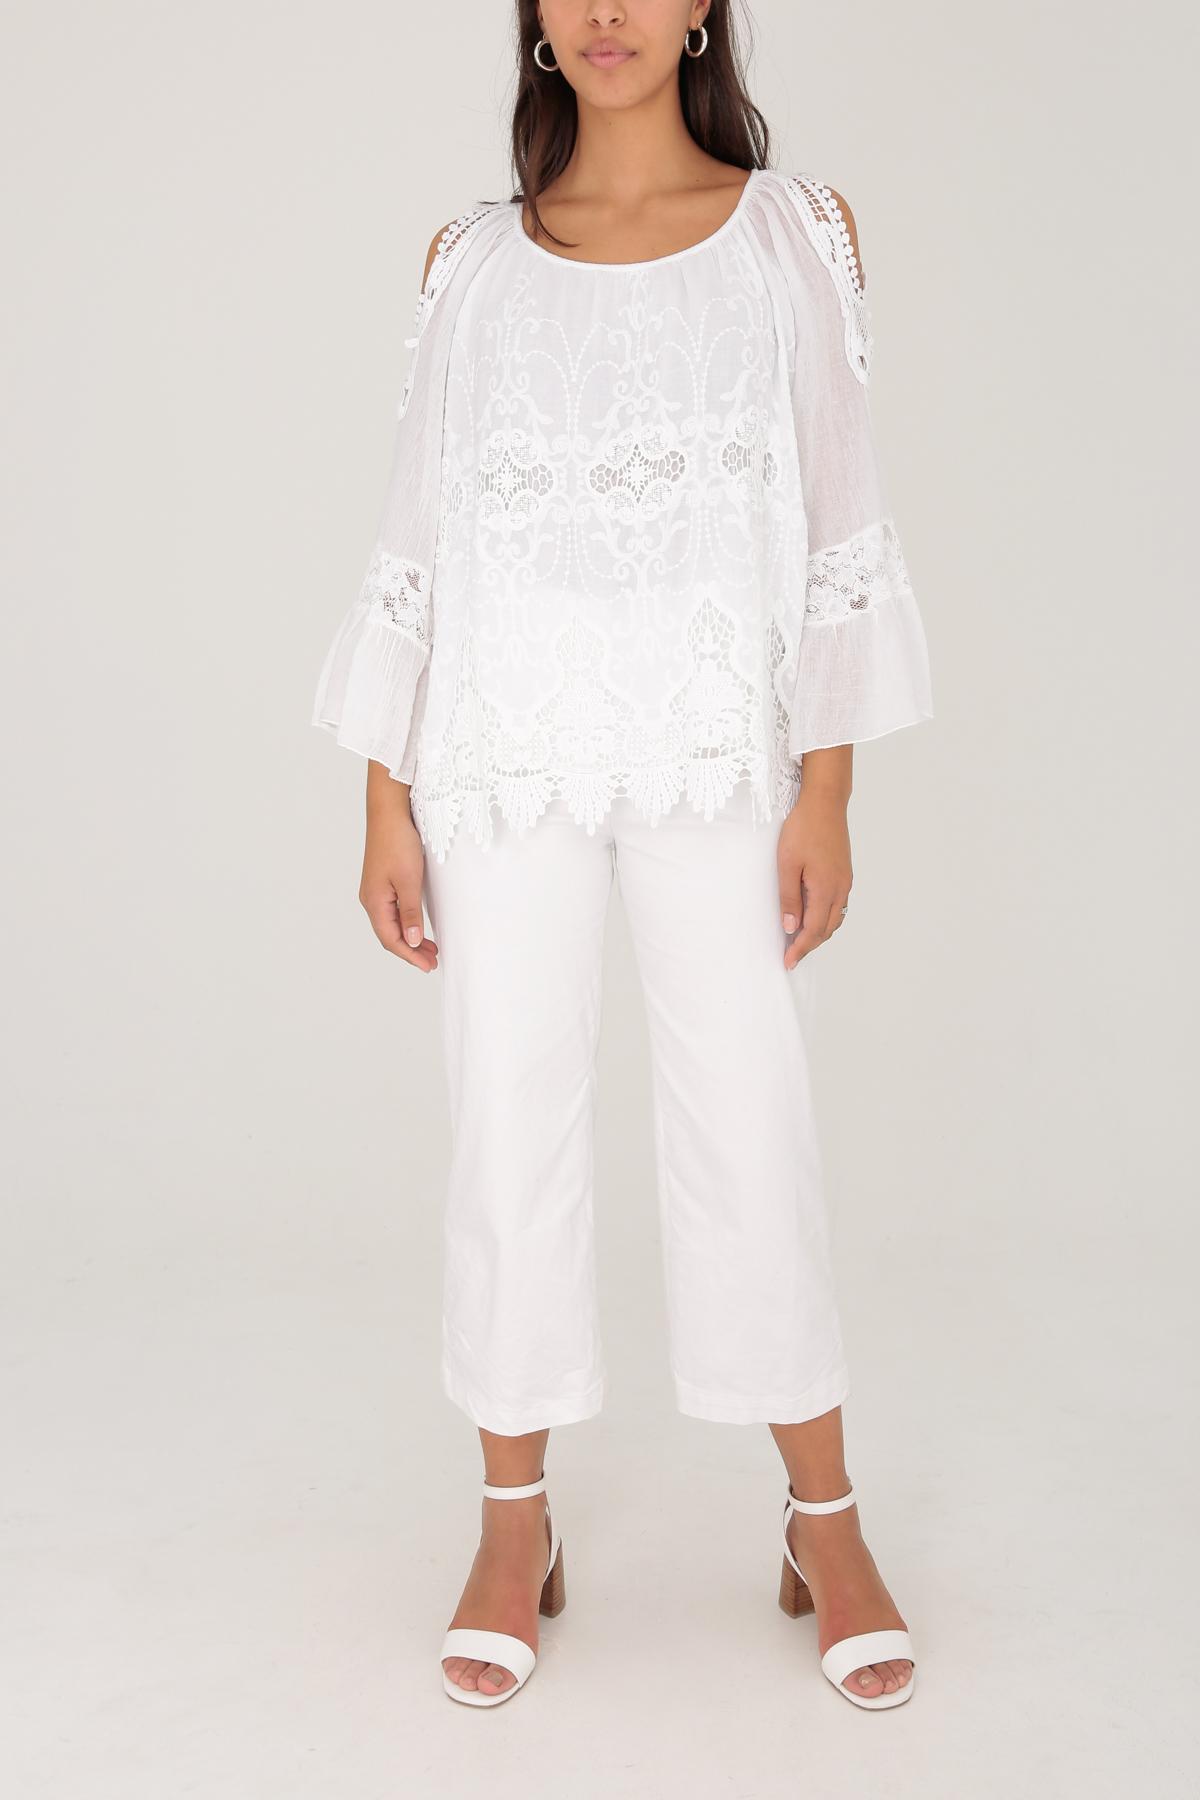 Colette Cotton Cold Shoulder Blouse - White, One Size 8-14